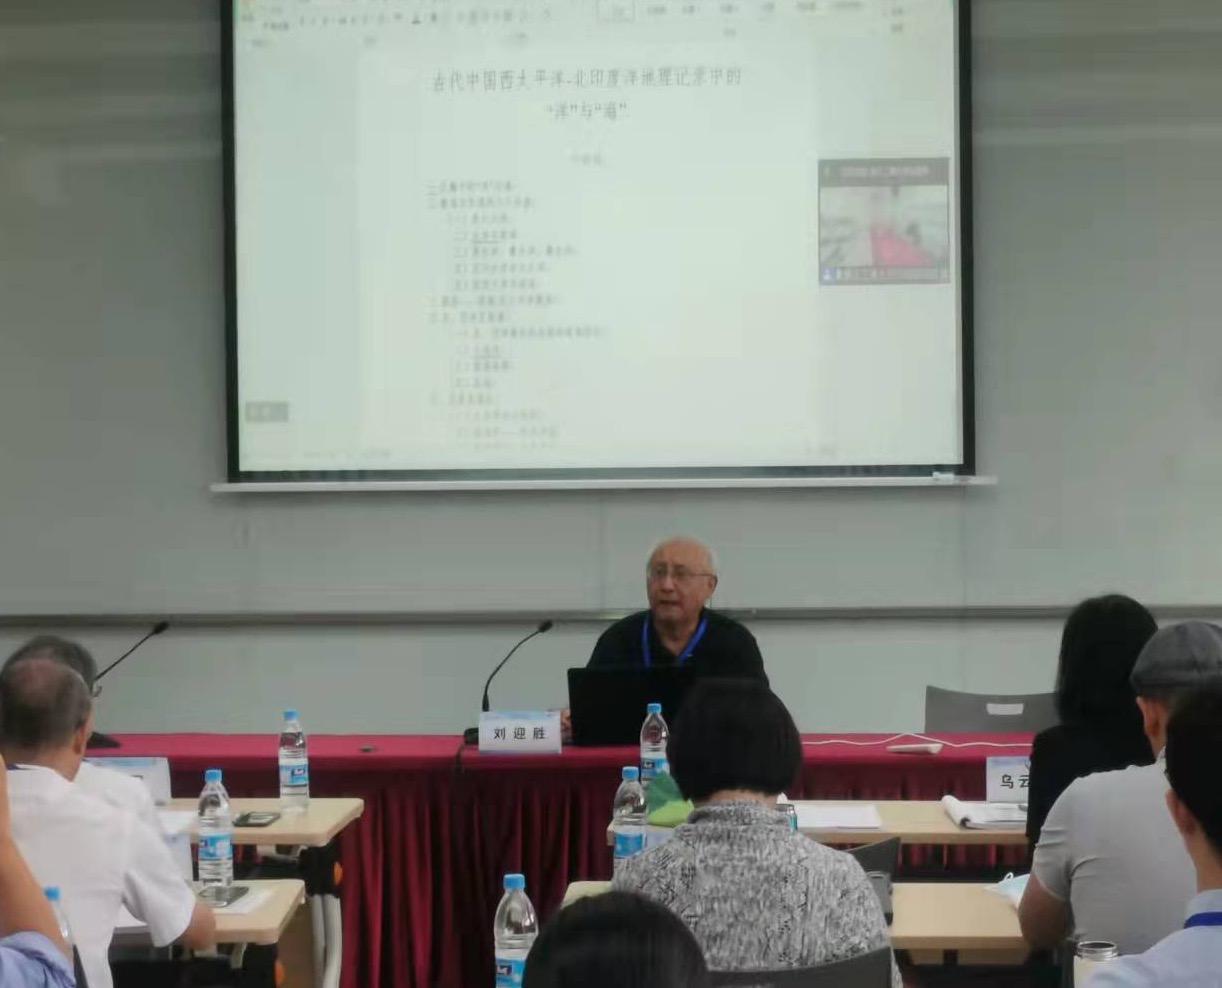 刘迎胜教授主旨汇报发言照片.jpg